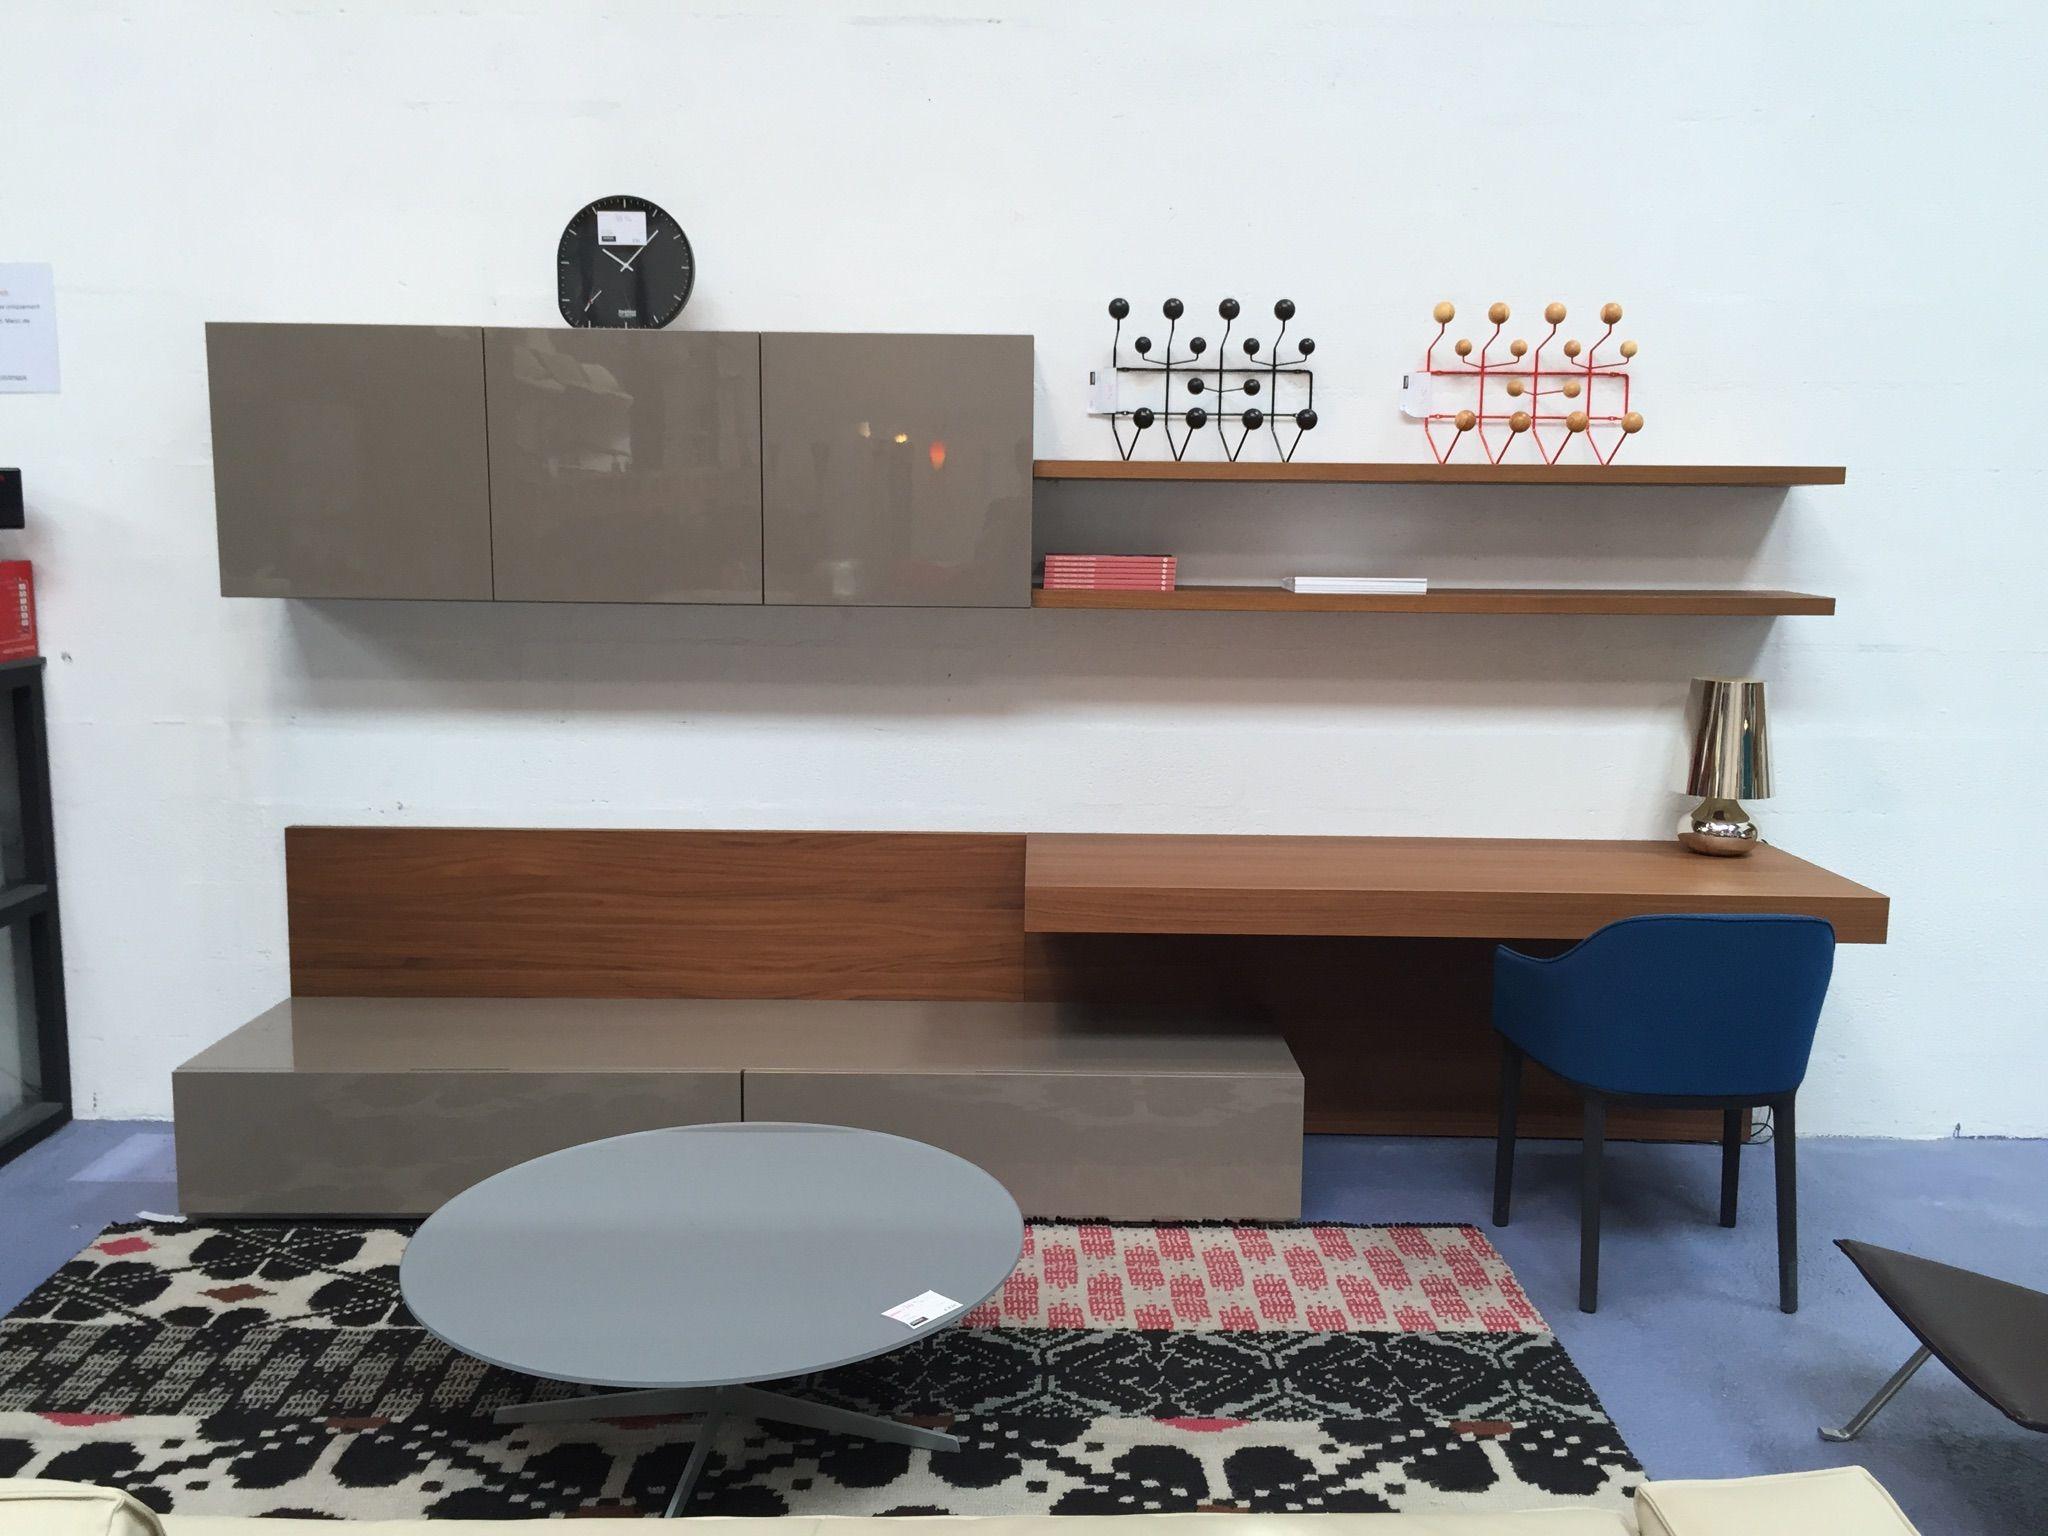 Soldes Silvera Au Design Outlet A Saint Ouen Mobilier Design Mobilier Design